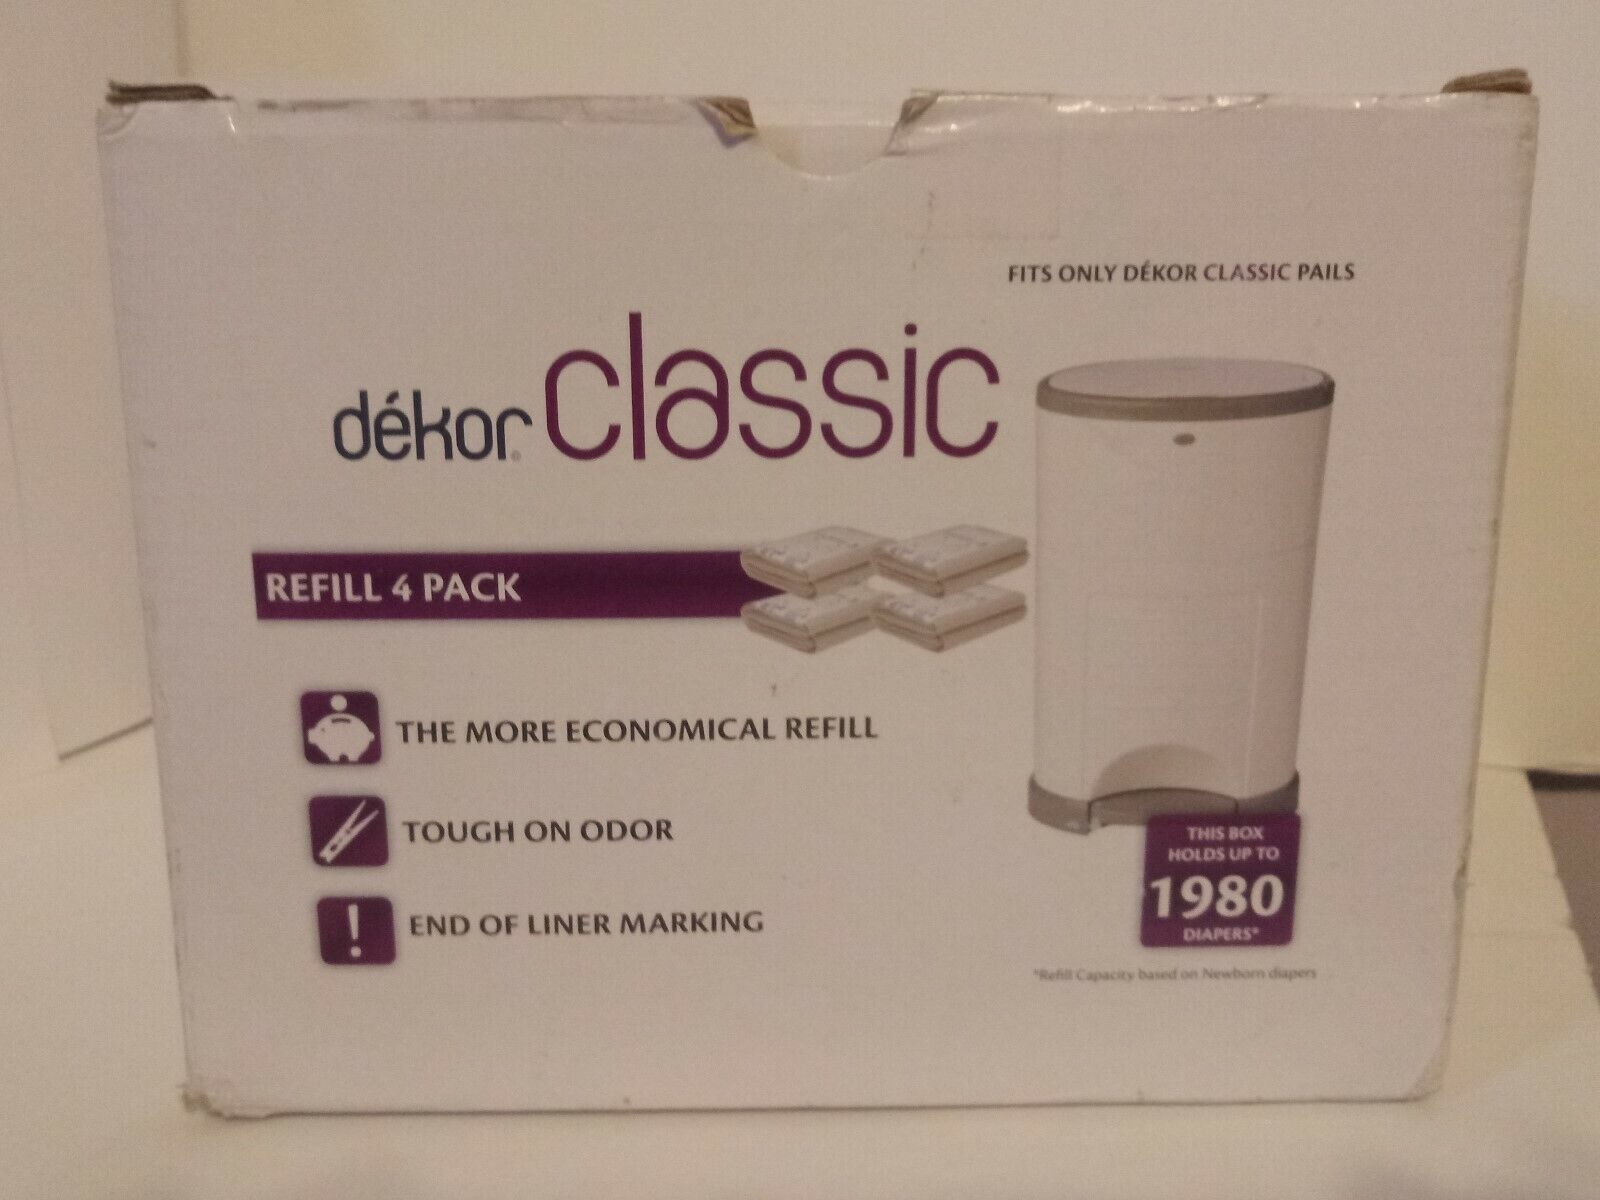 Dekor Classic Diaper Pail Refills | Most Economical Refill